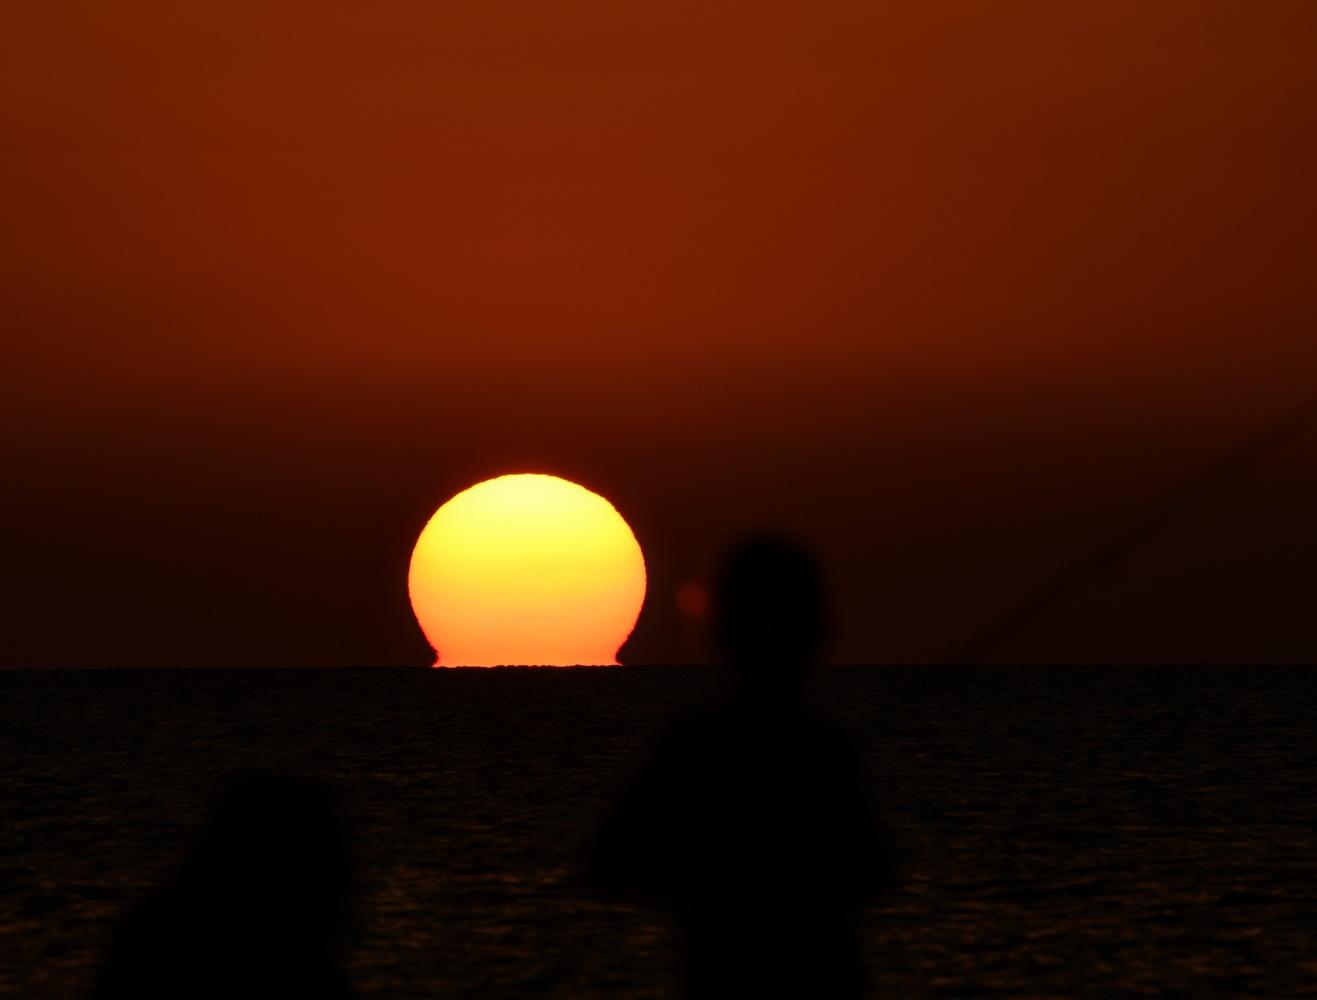 Sunset on Mediterranean by shraga kopstein